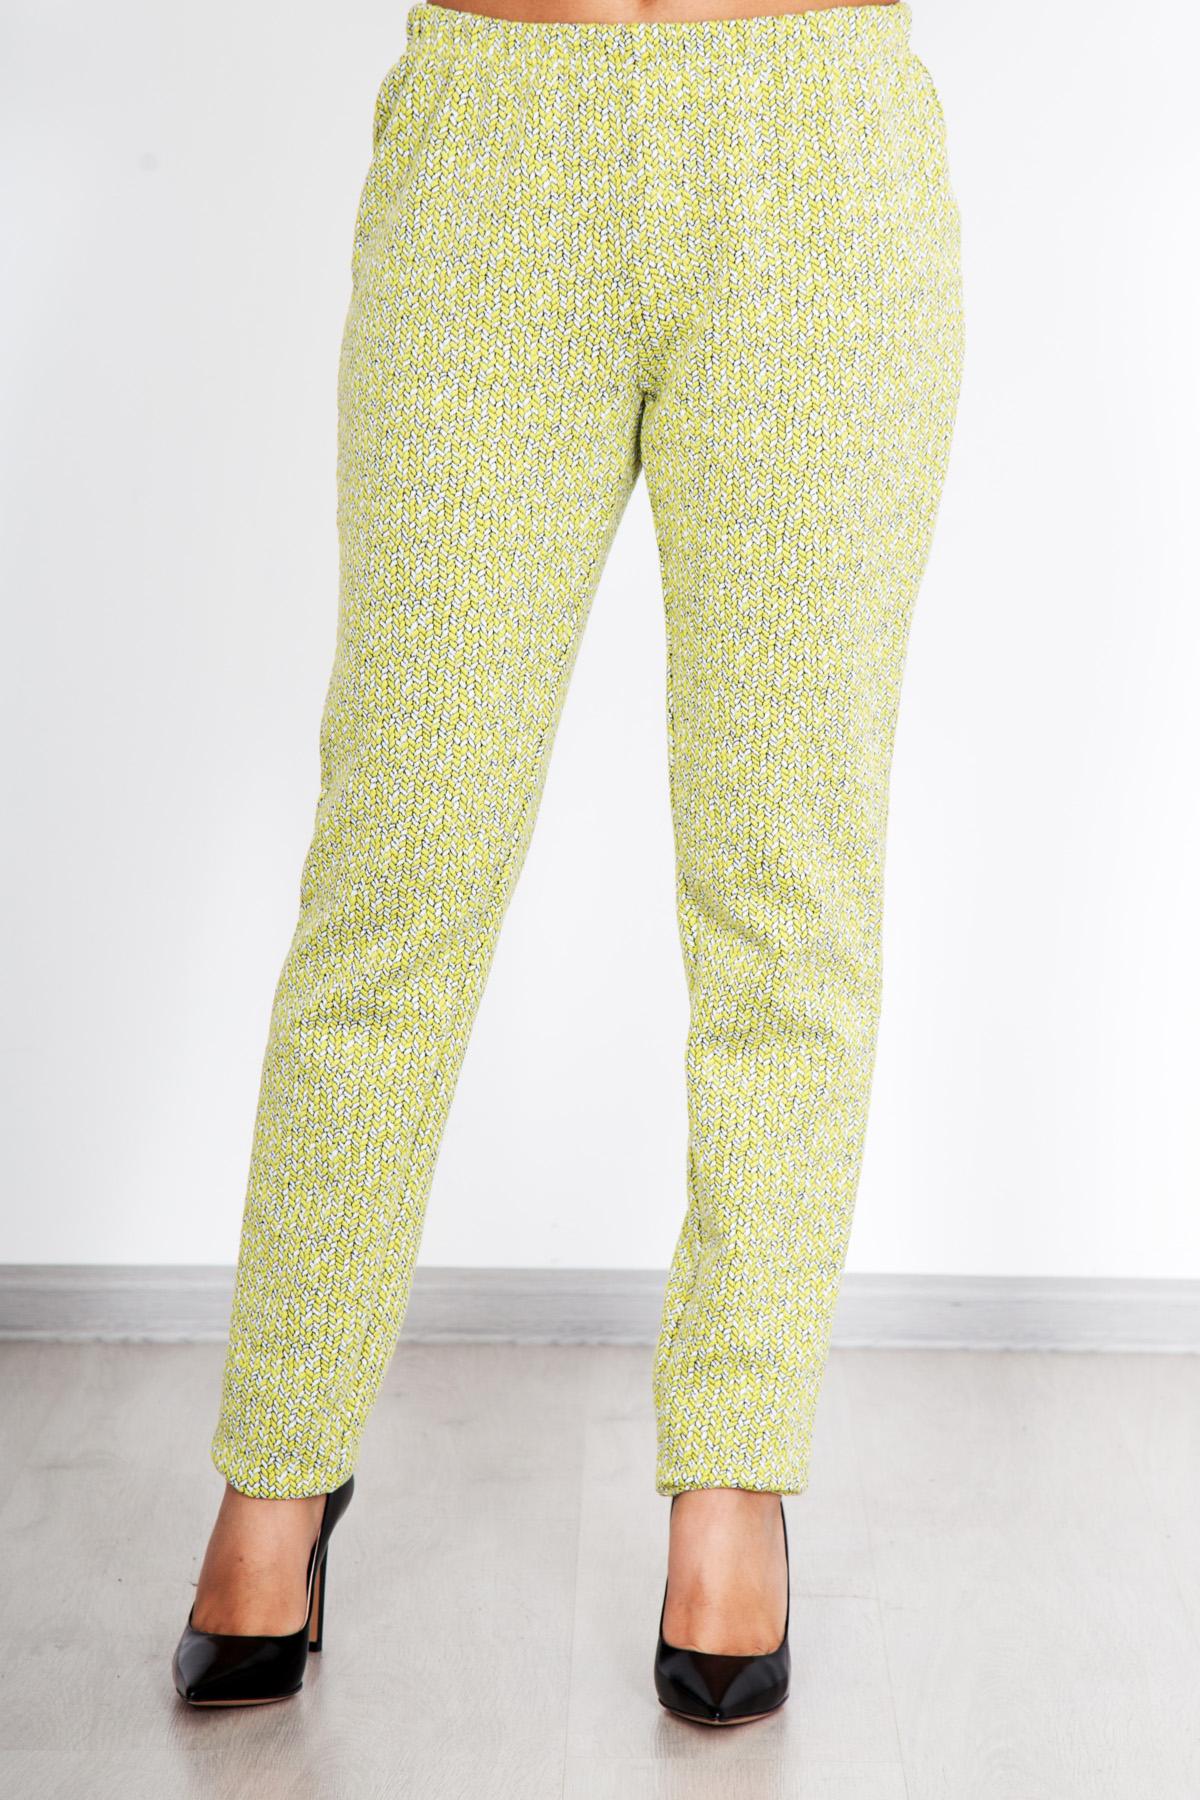 Жен. брюки  Дудочки  Желтый р. 54 - Женская одежда артикул: 25555